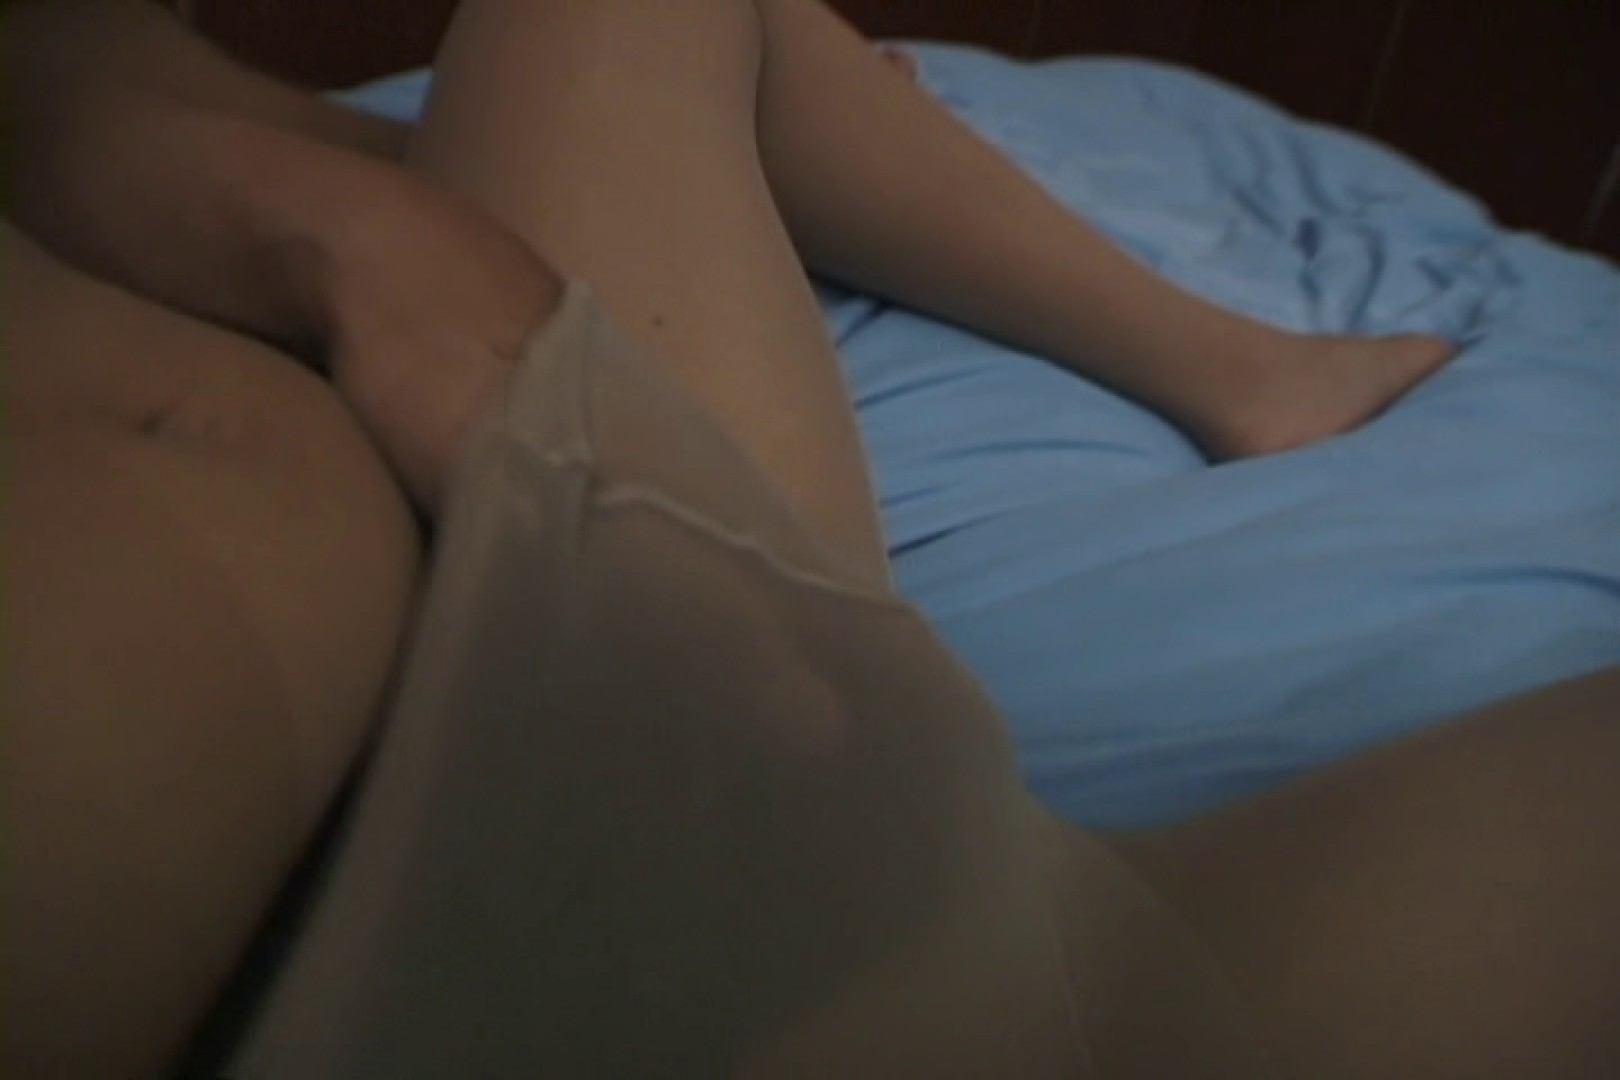 旦那との愛よりも、愛人とのSEX~片瀬梨子~vol,1 ローター  107pic 63